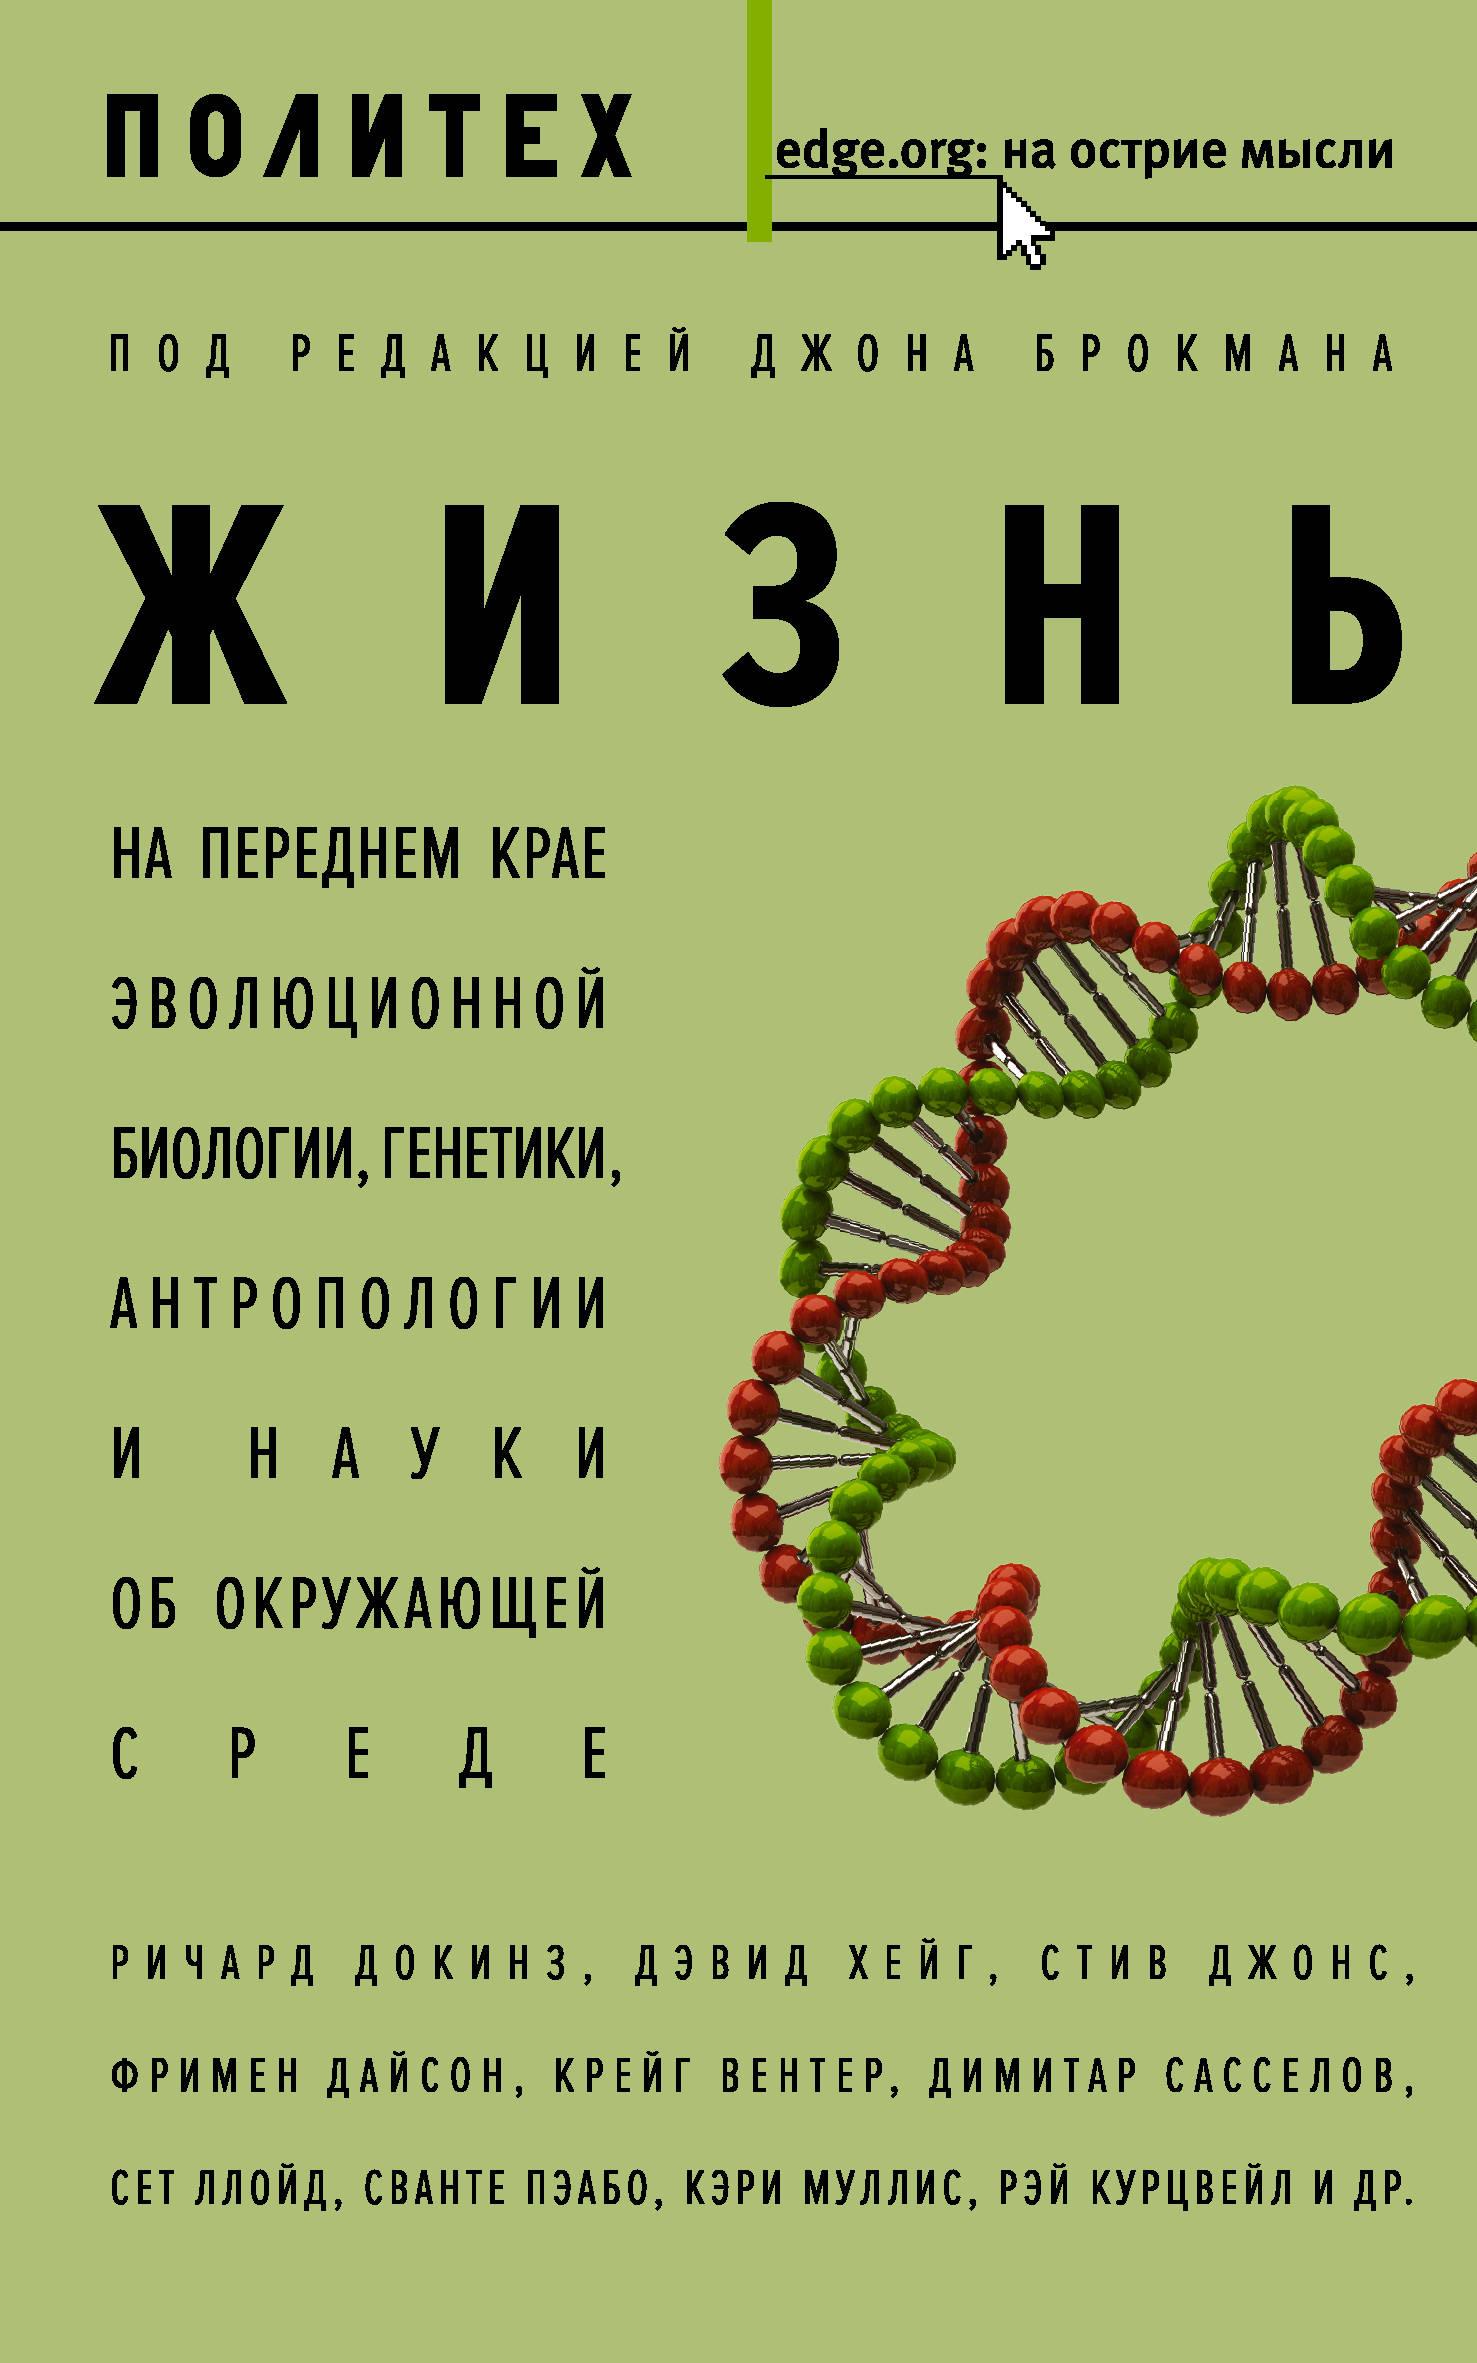 Джон Брокман Жизнь и т фролов жизнь и познание о диалектике в современной биологии